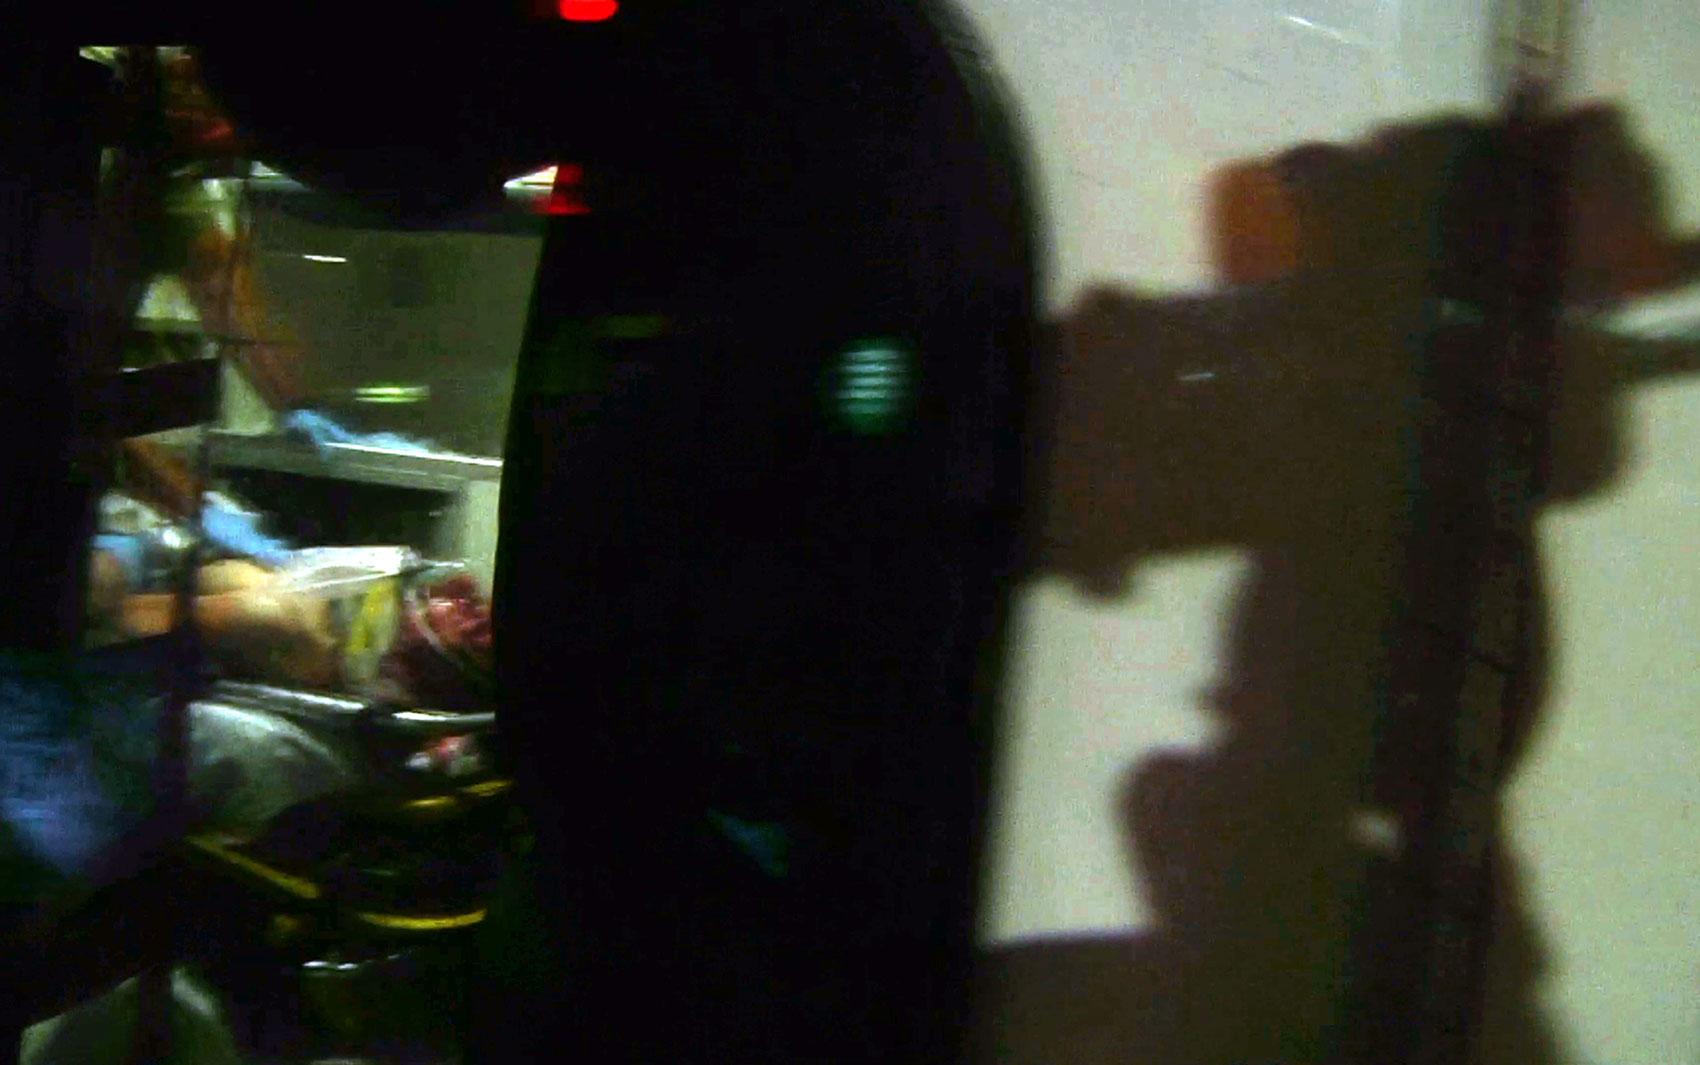 Capturado, o suspeito Dzhokhar Tsarnaev é colocado em ambulância com ferimentos